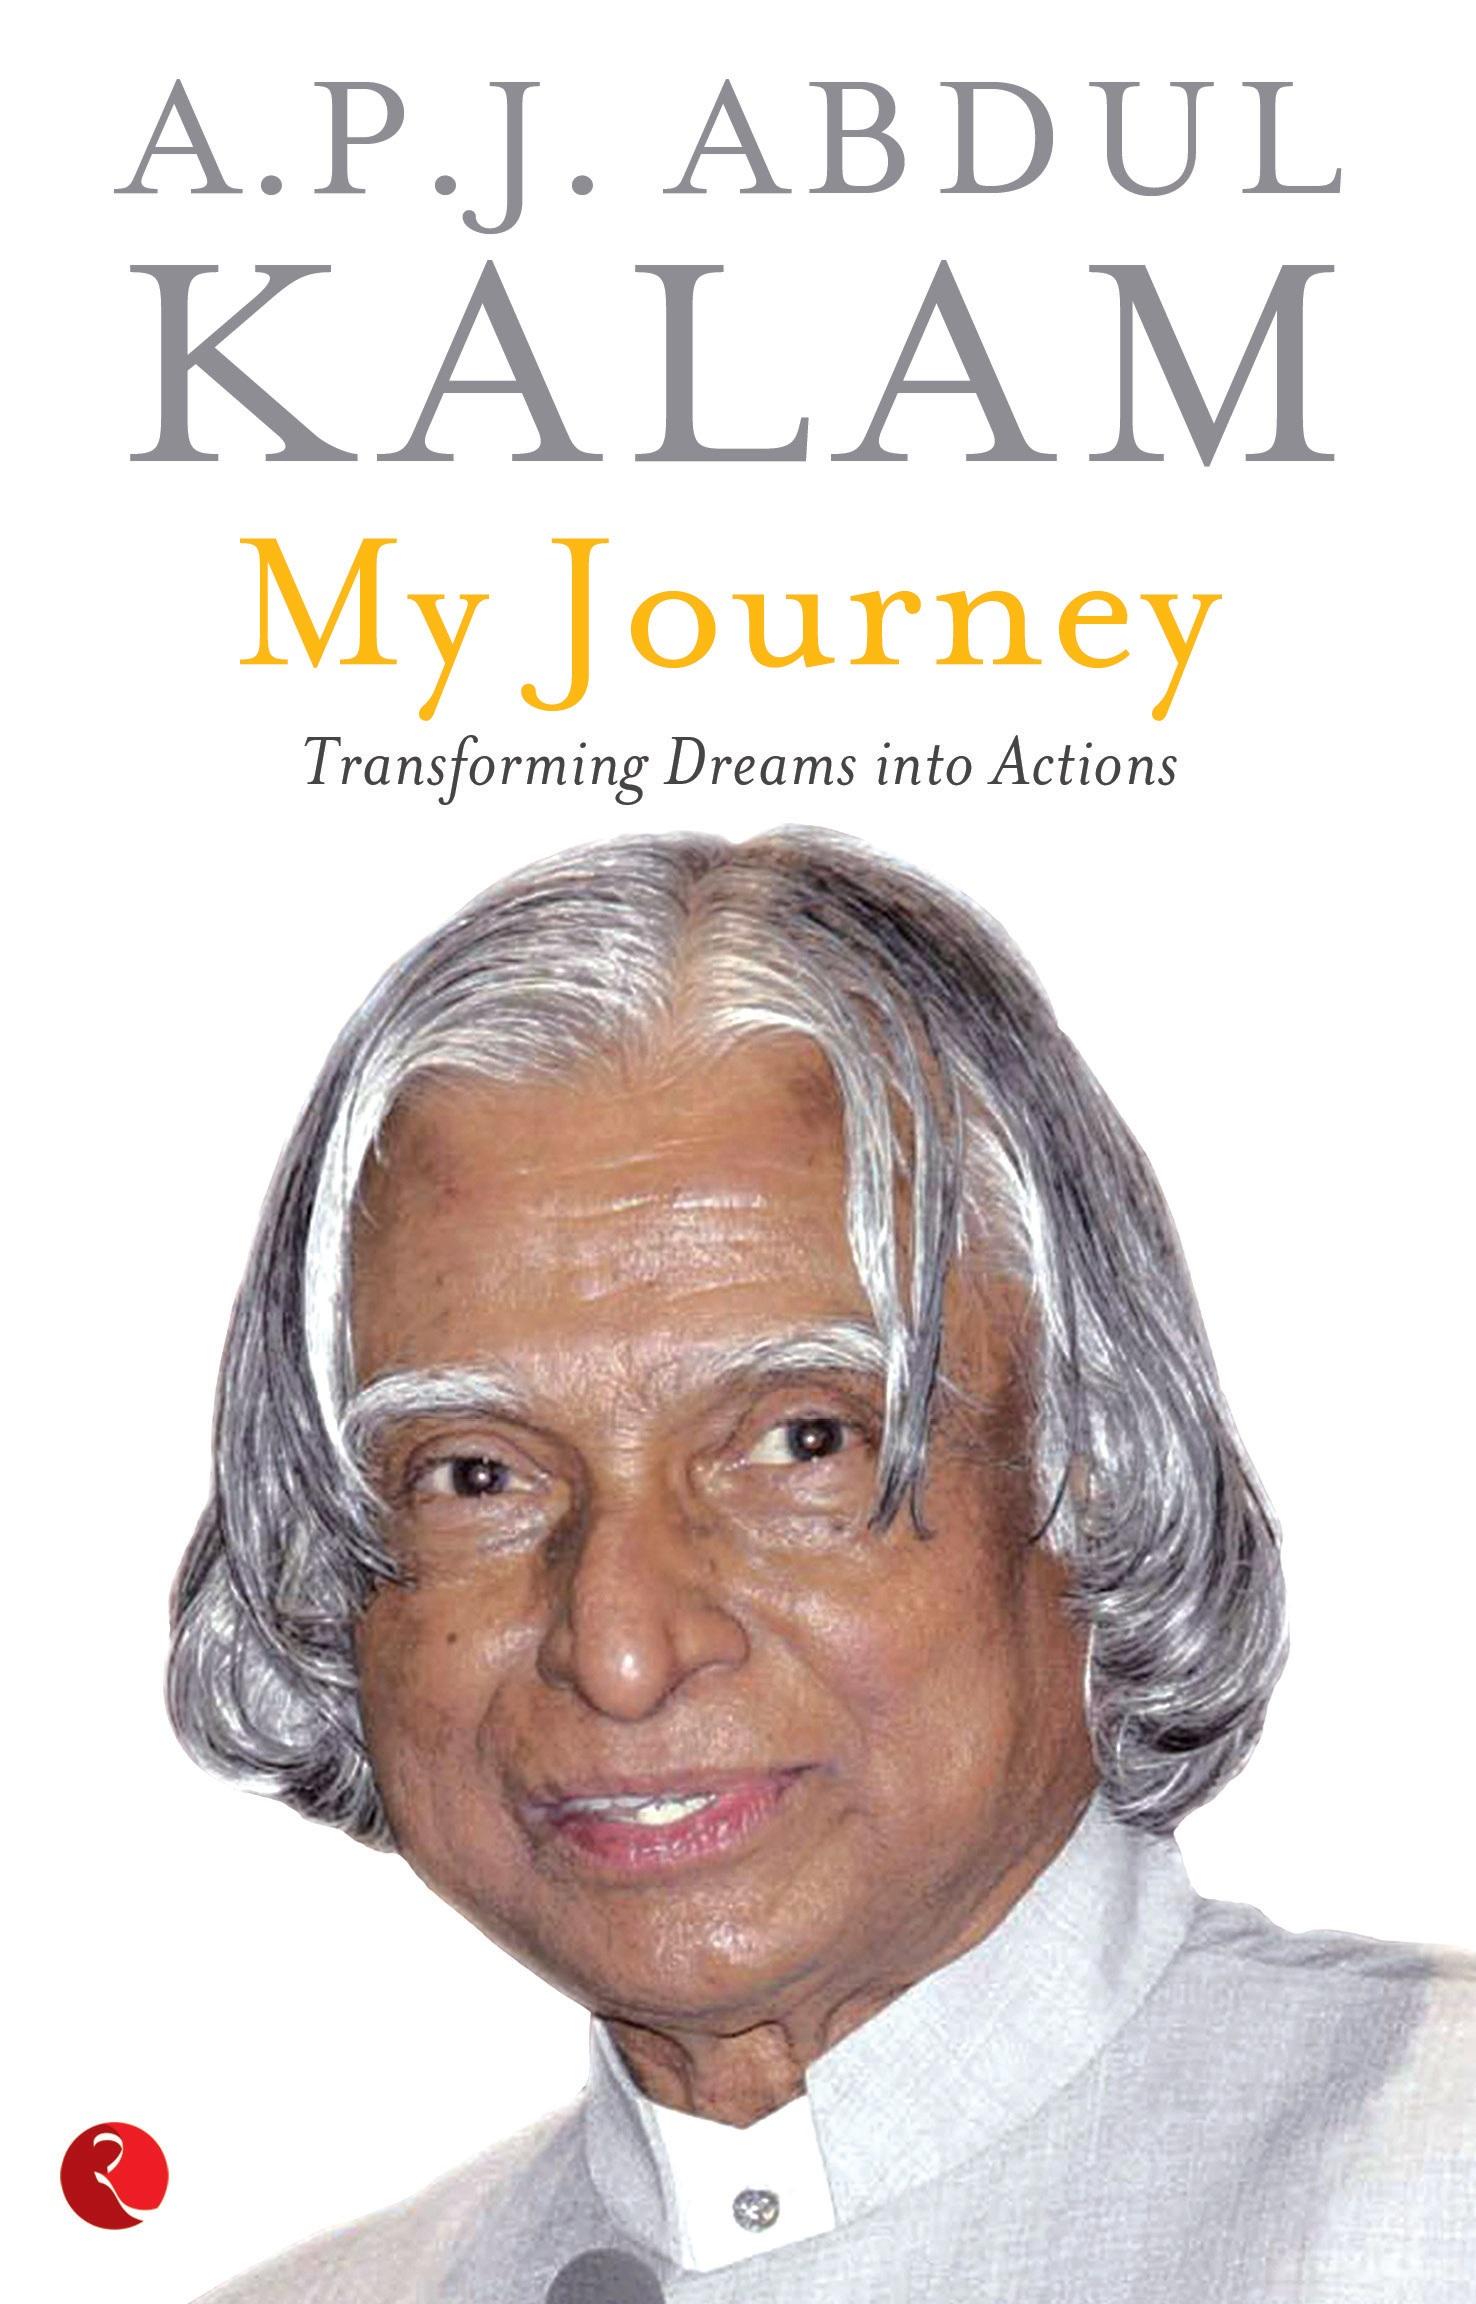 apj abdul kalam biography in bengali pdf download